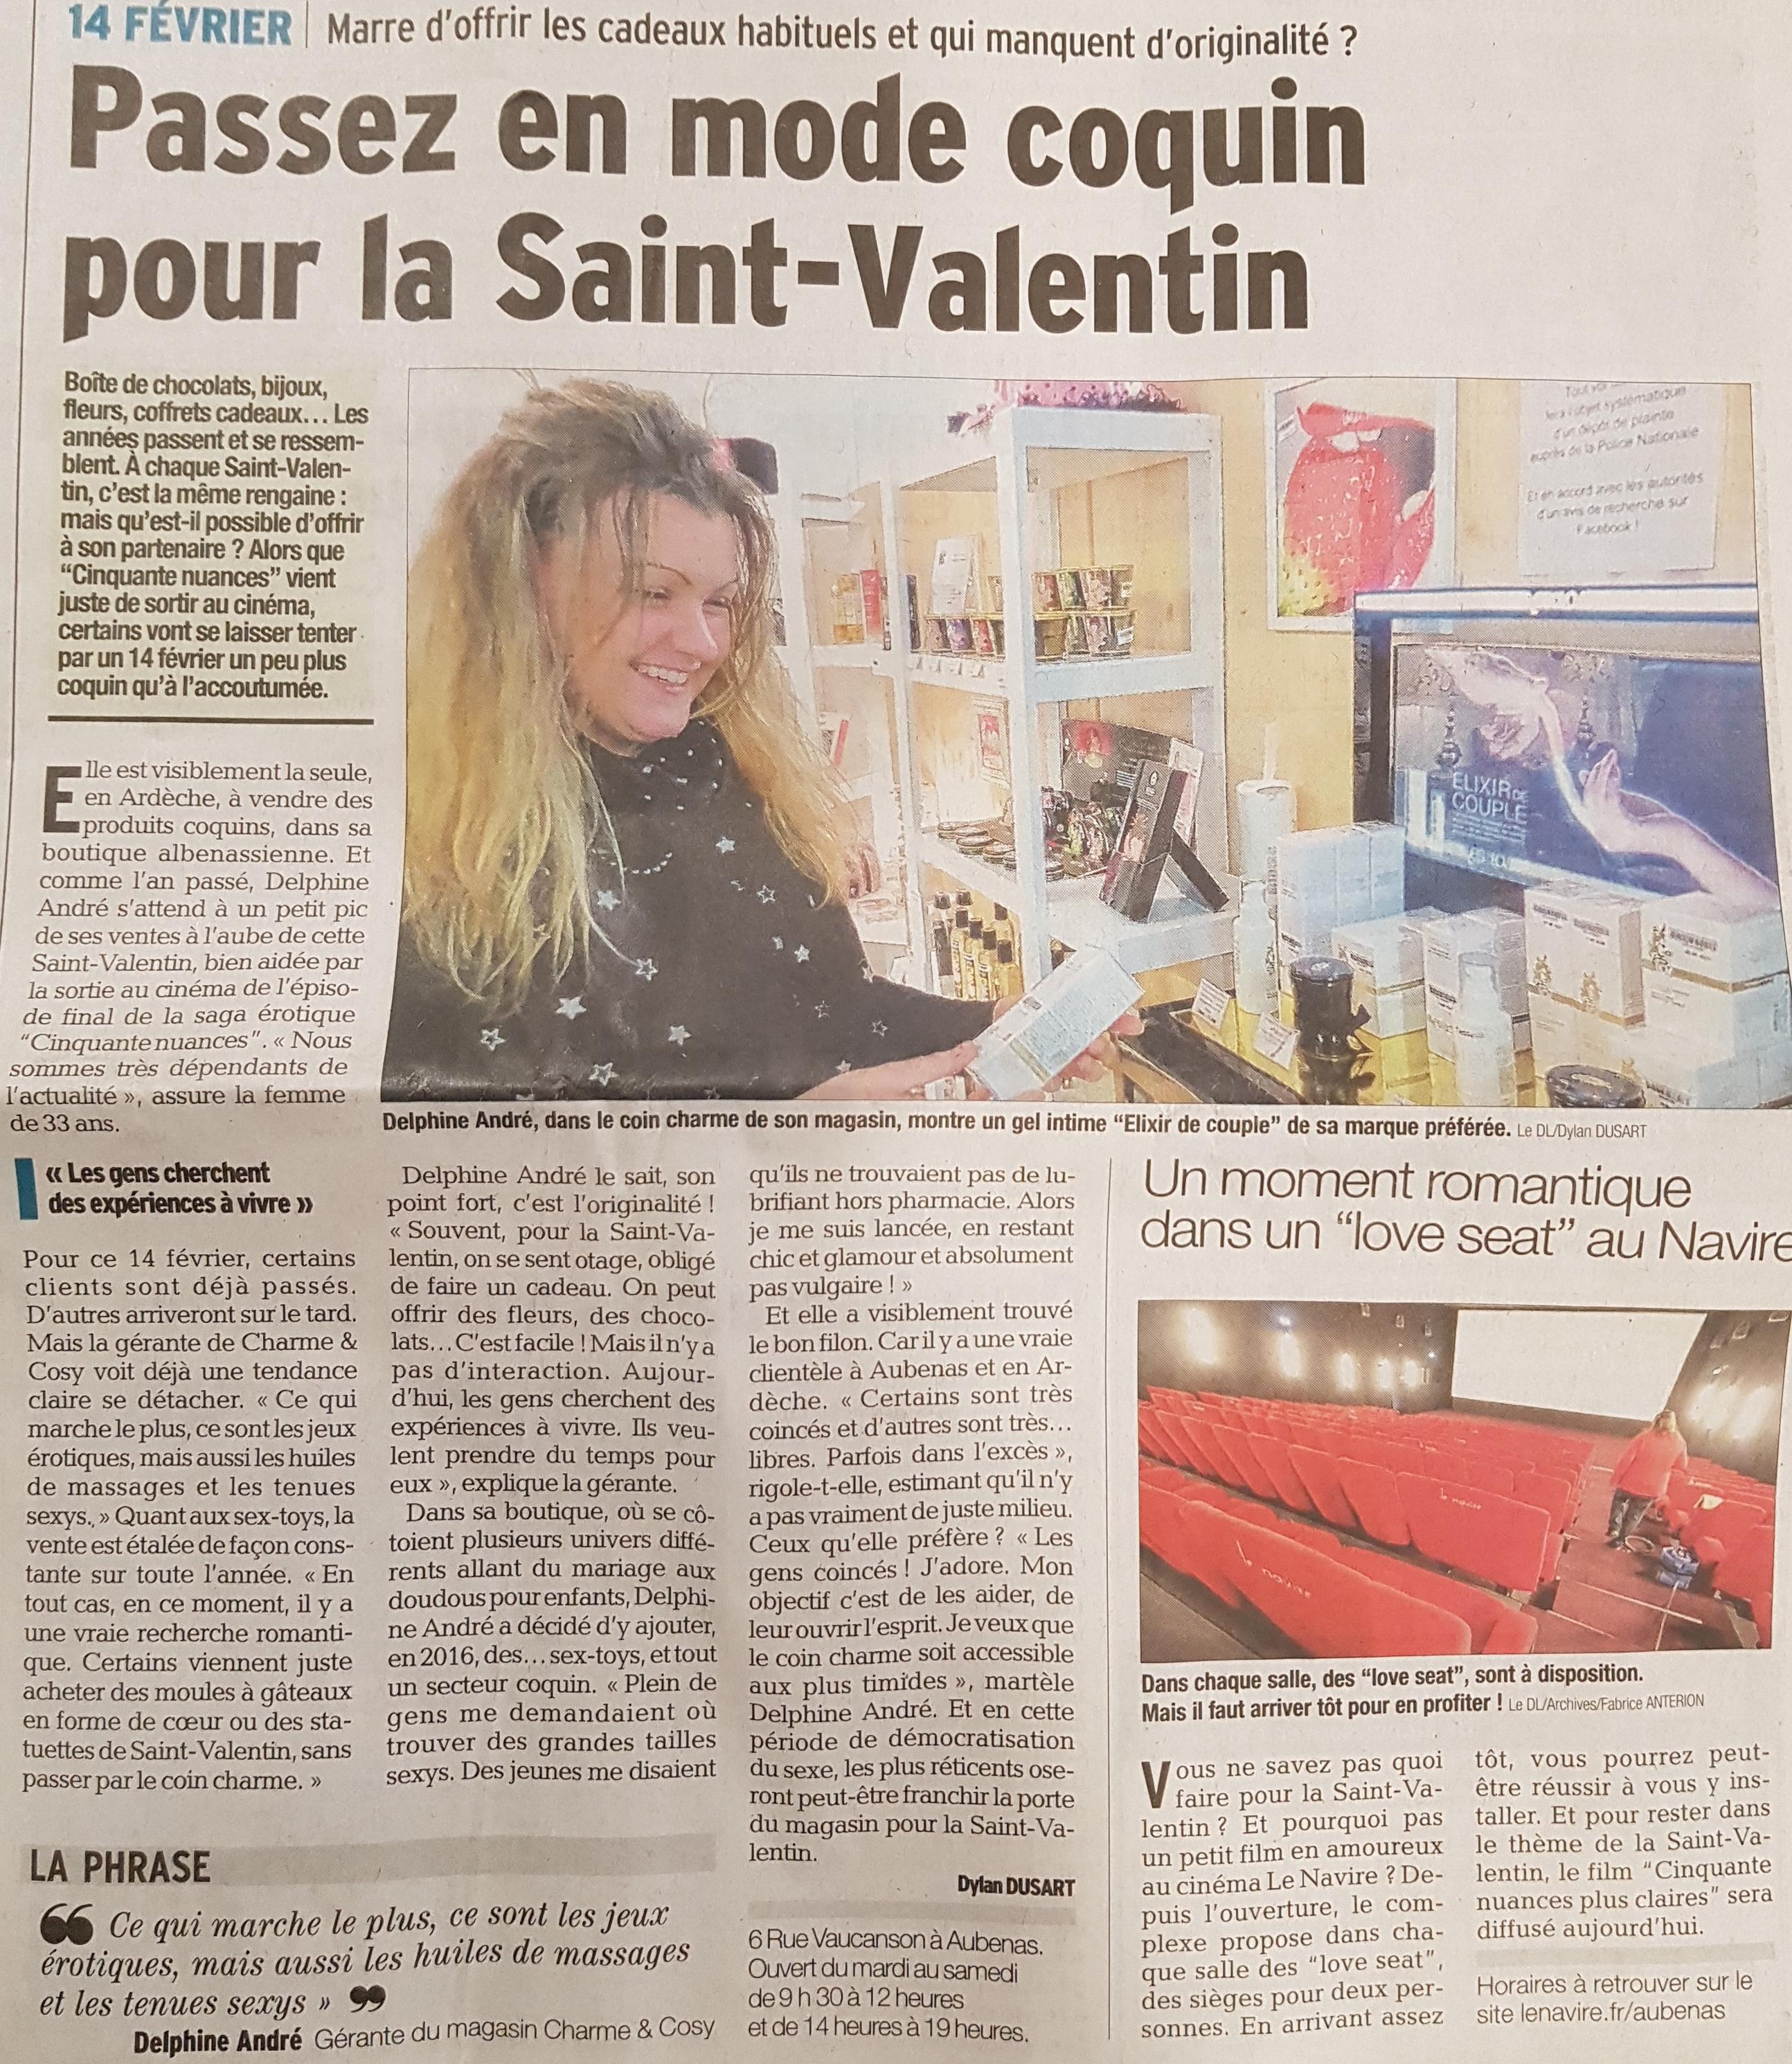 charme-et-cosy-article-de-presse-dauphiné